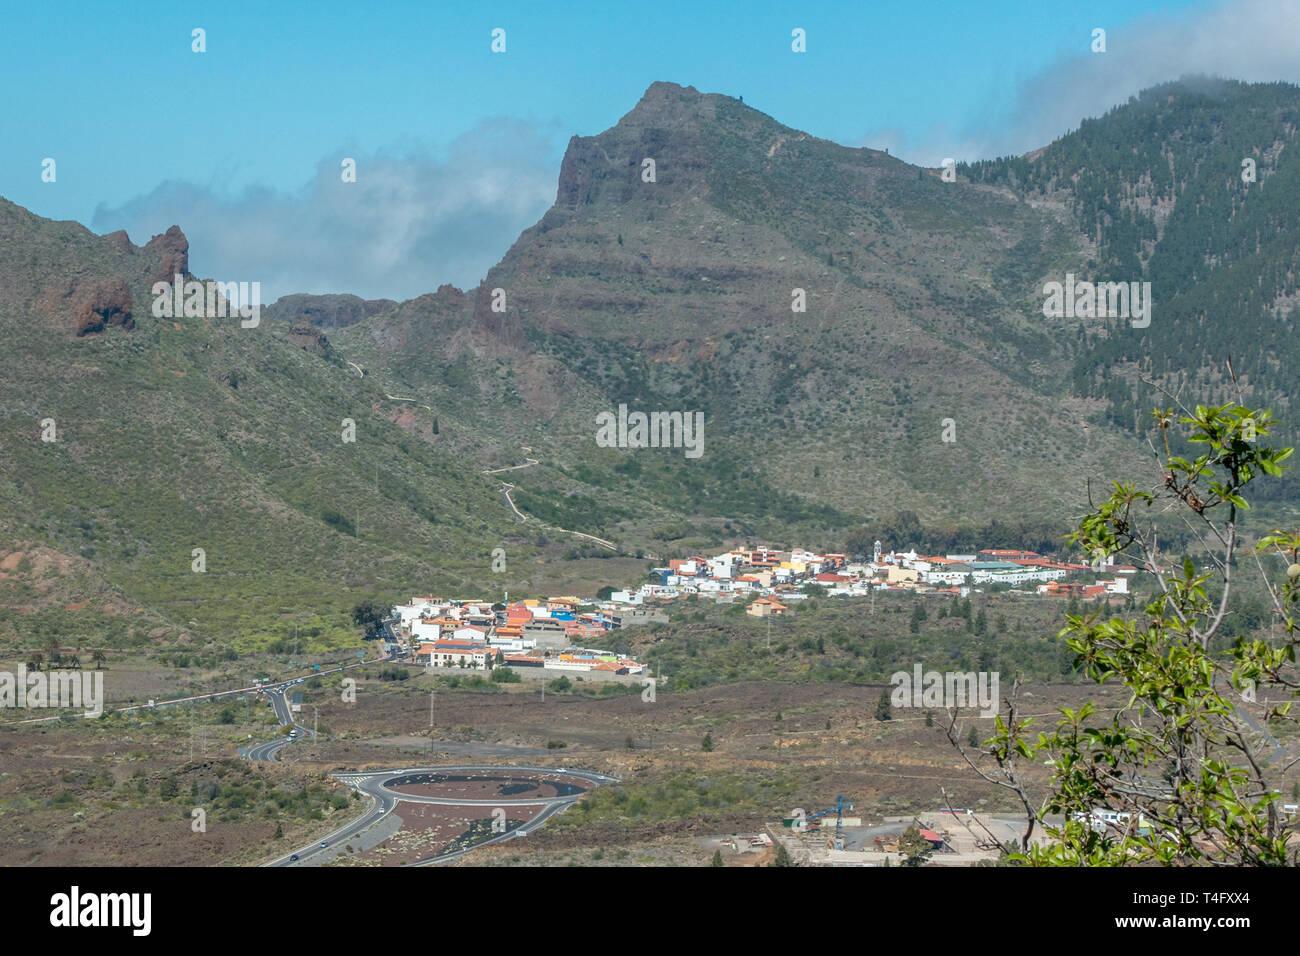 Schöne Landschaft mit Bergen und Stadt Santiago del Teide auf der TF-82 Straße (Beginn des TF-1 Vordergrund und TF-436 nach Masca im Hintergrund) Stockbild